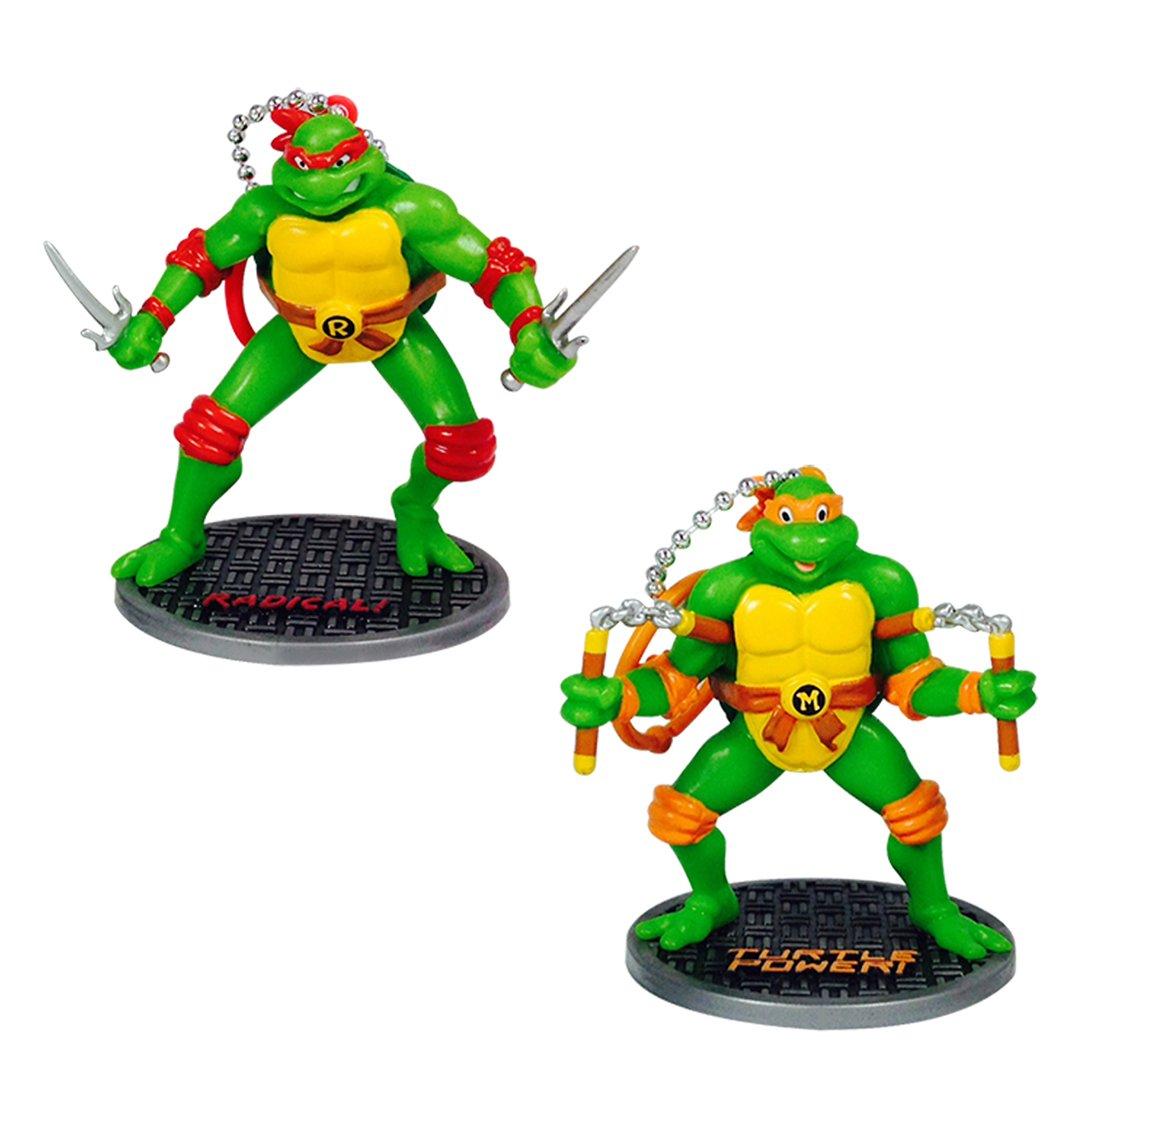 Teenage Mutant Ninja Turtles Collectible Figurines [Leonardo ...